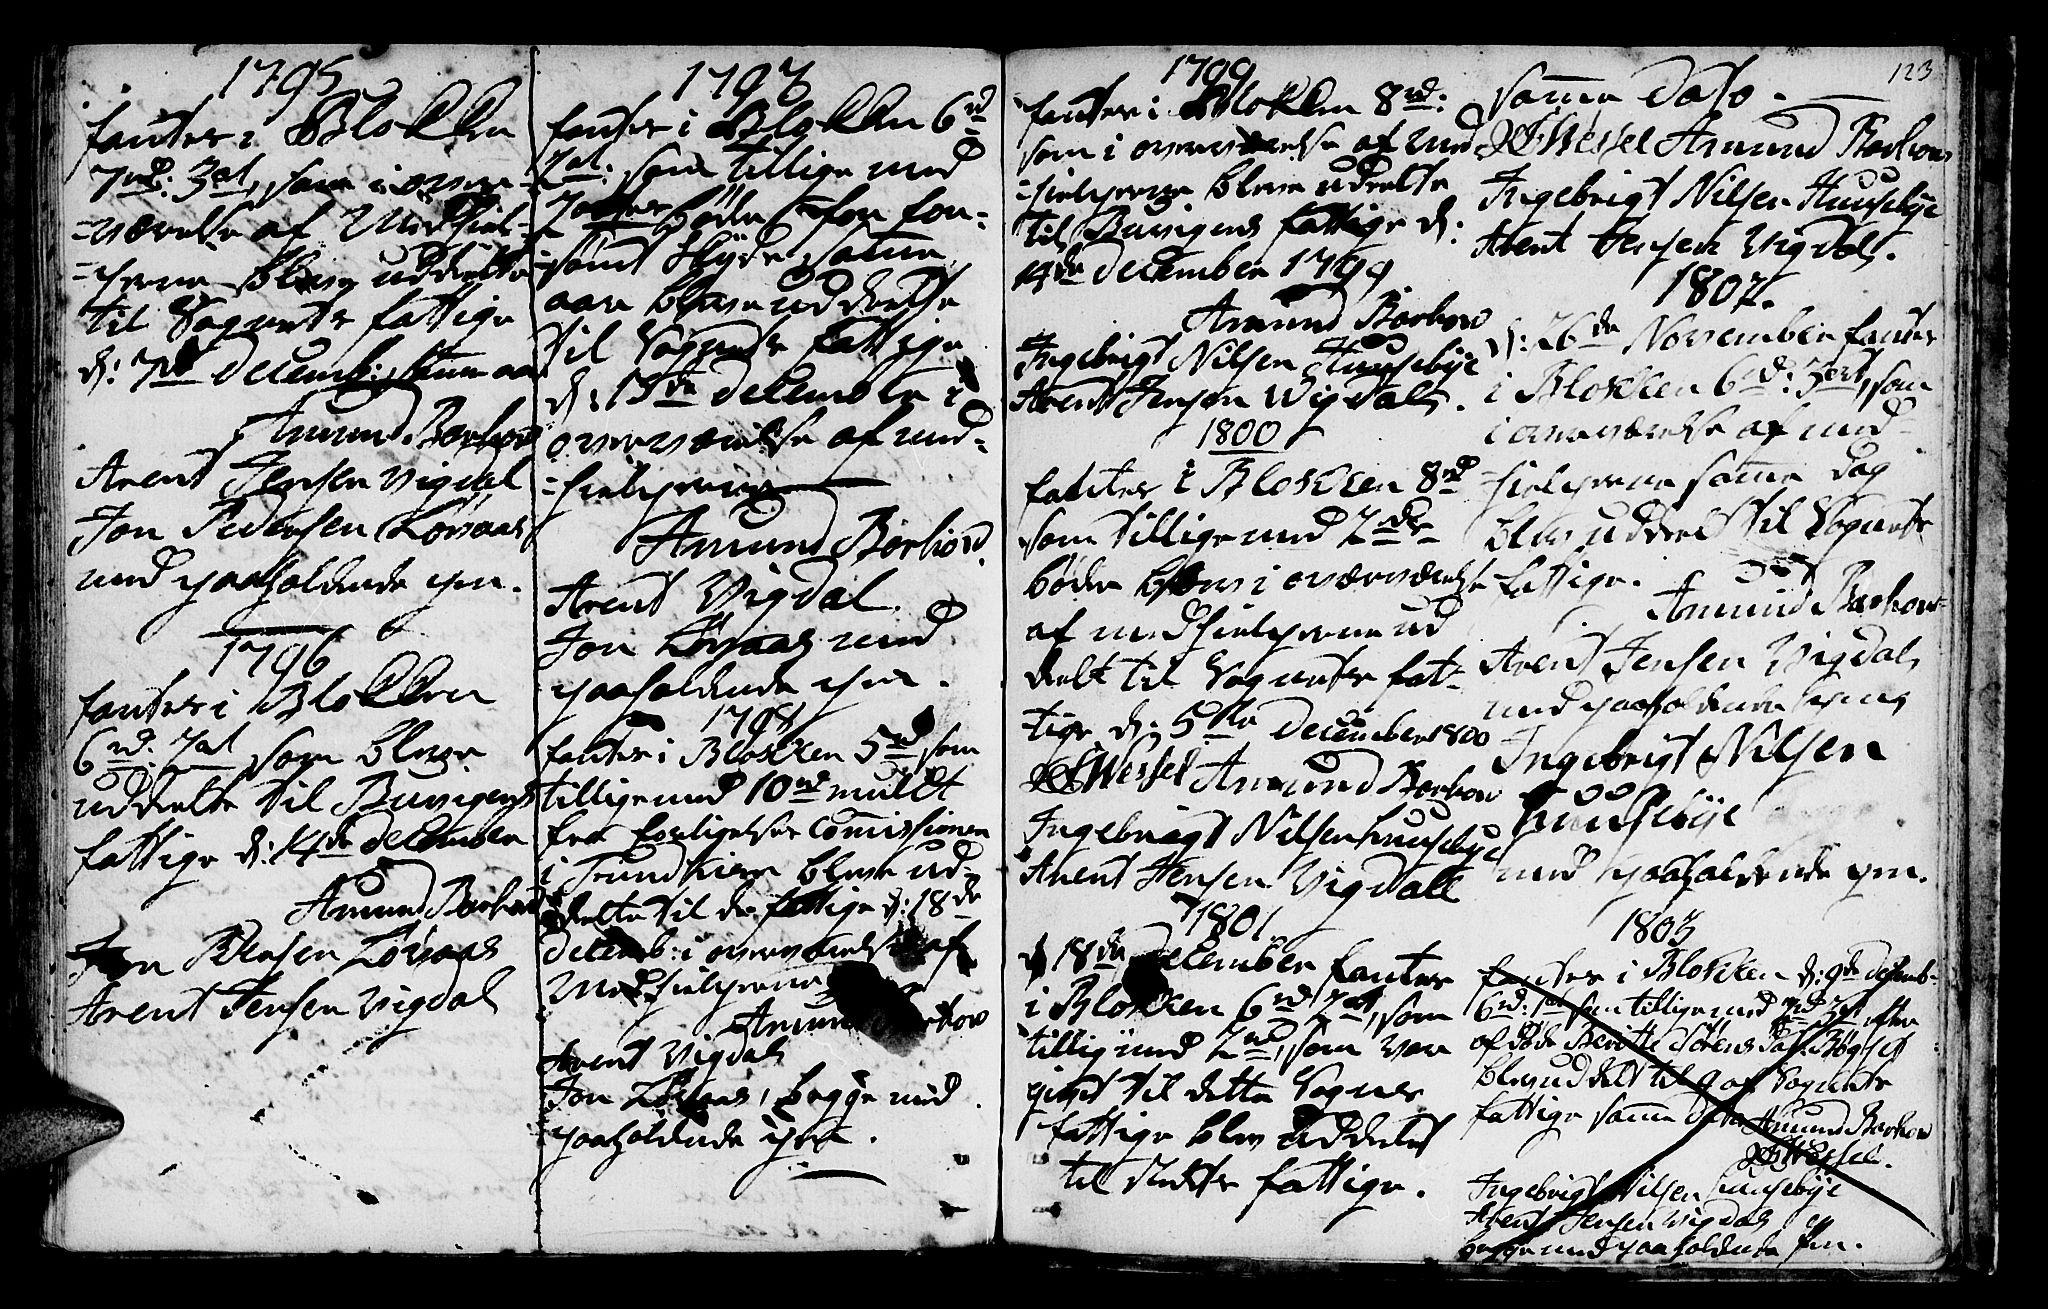 SAT, Ministerialprotokoller, klokkerbøker og fødselsregistre - Sør-Trøndelag, 666/L0784: Ministerialbok nr. 666A02, 1754-1802, s. 123